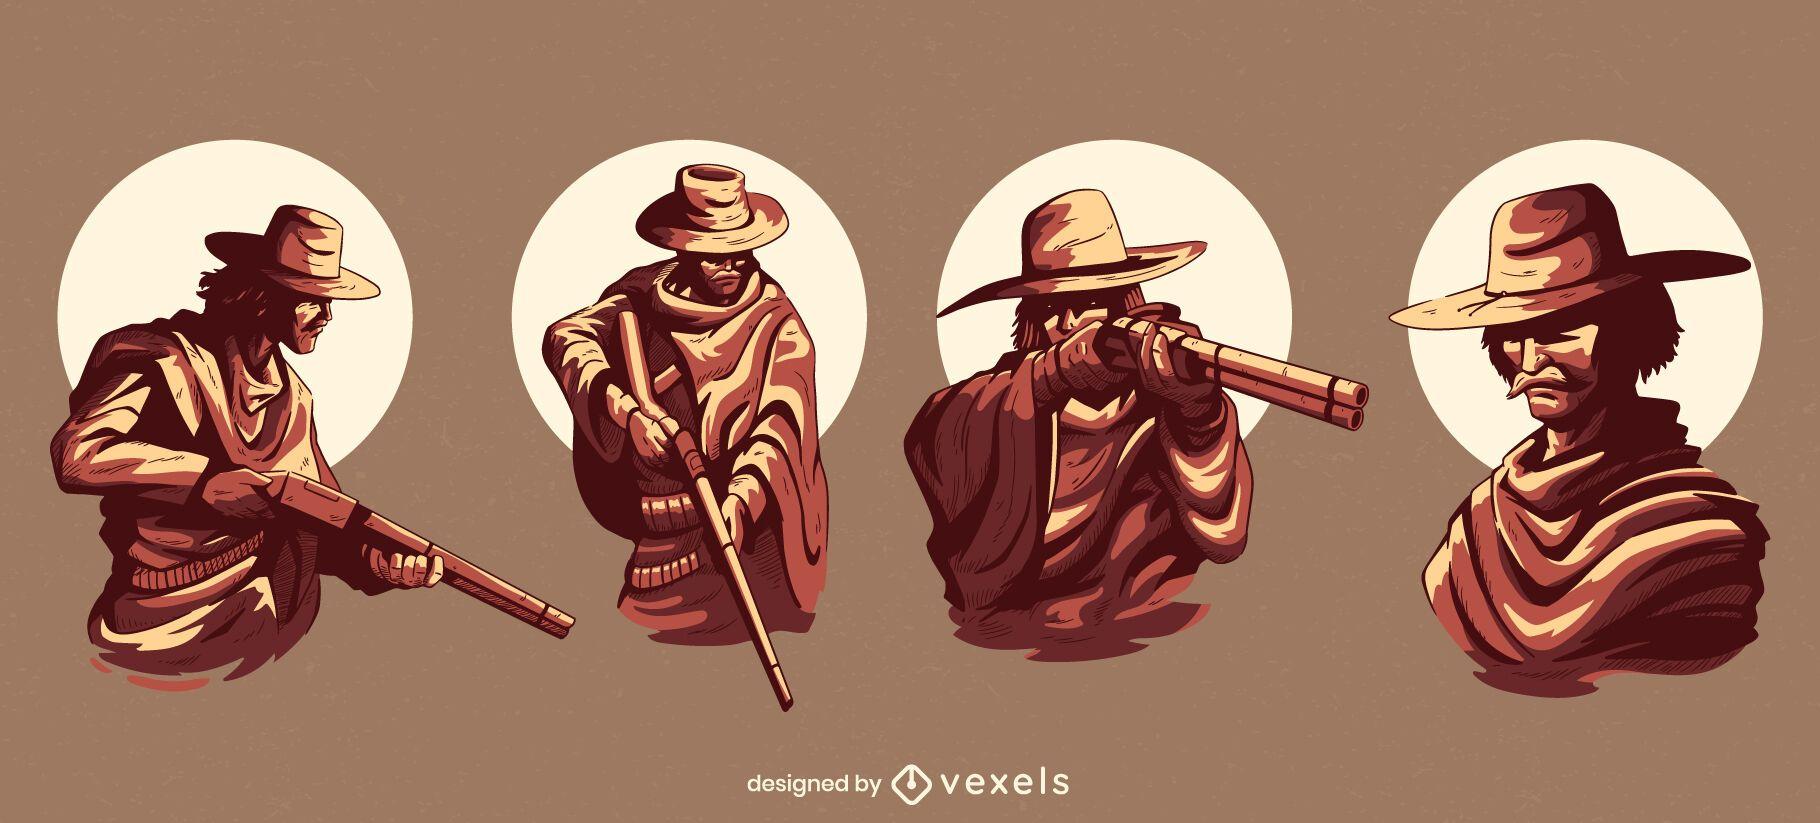 Conjunto de ilustración de personajes de vaquero